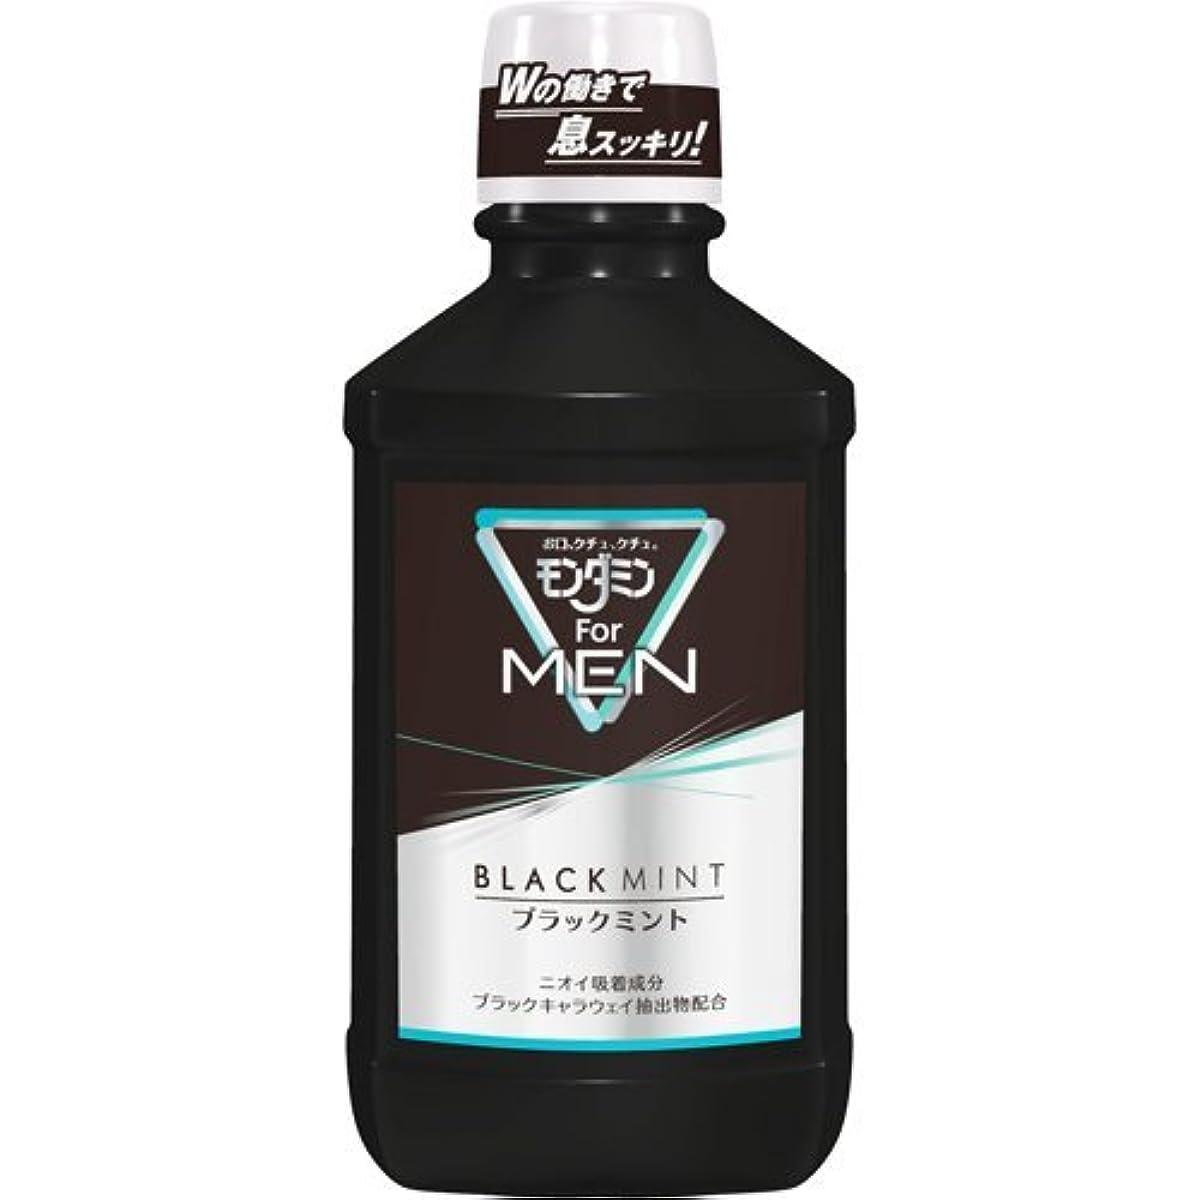 すごい看板排他的アース製薬 モンダミン For MEN ブラックミント 600mL